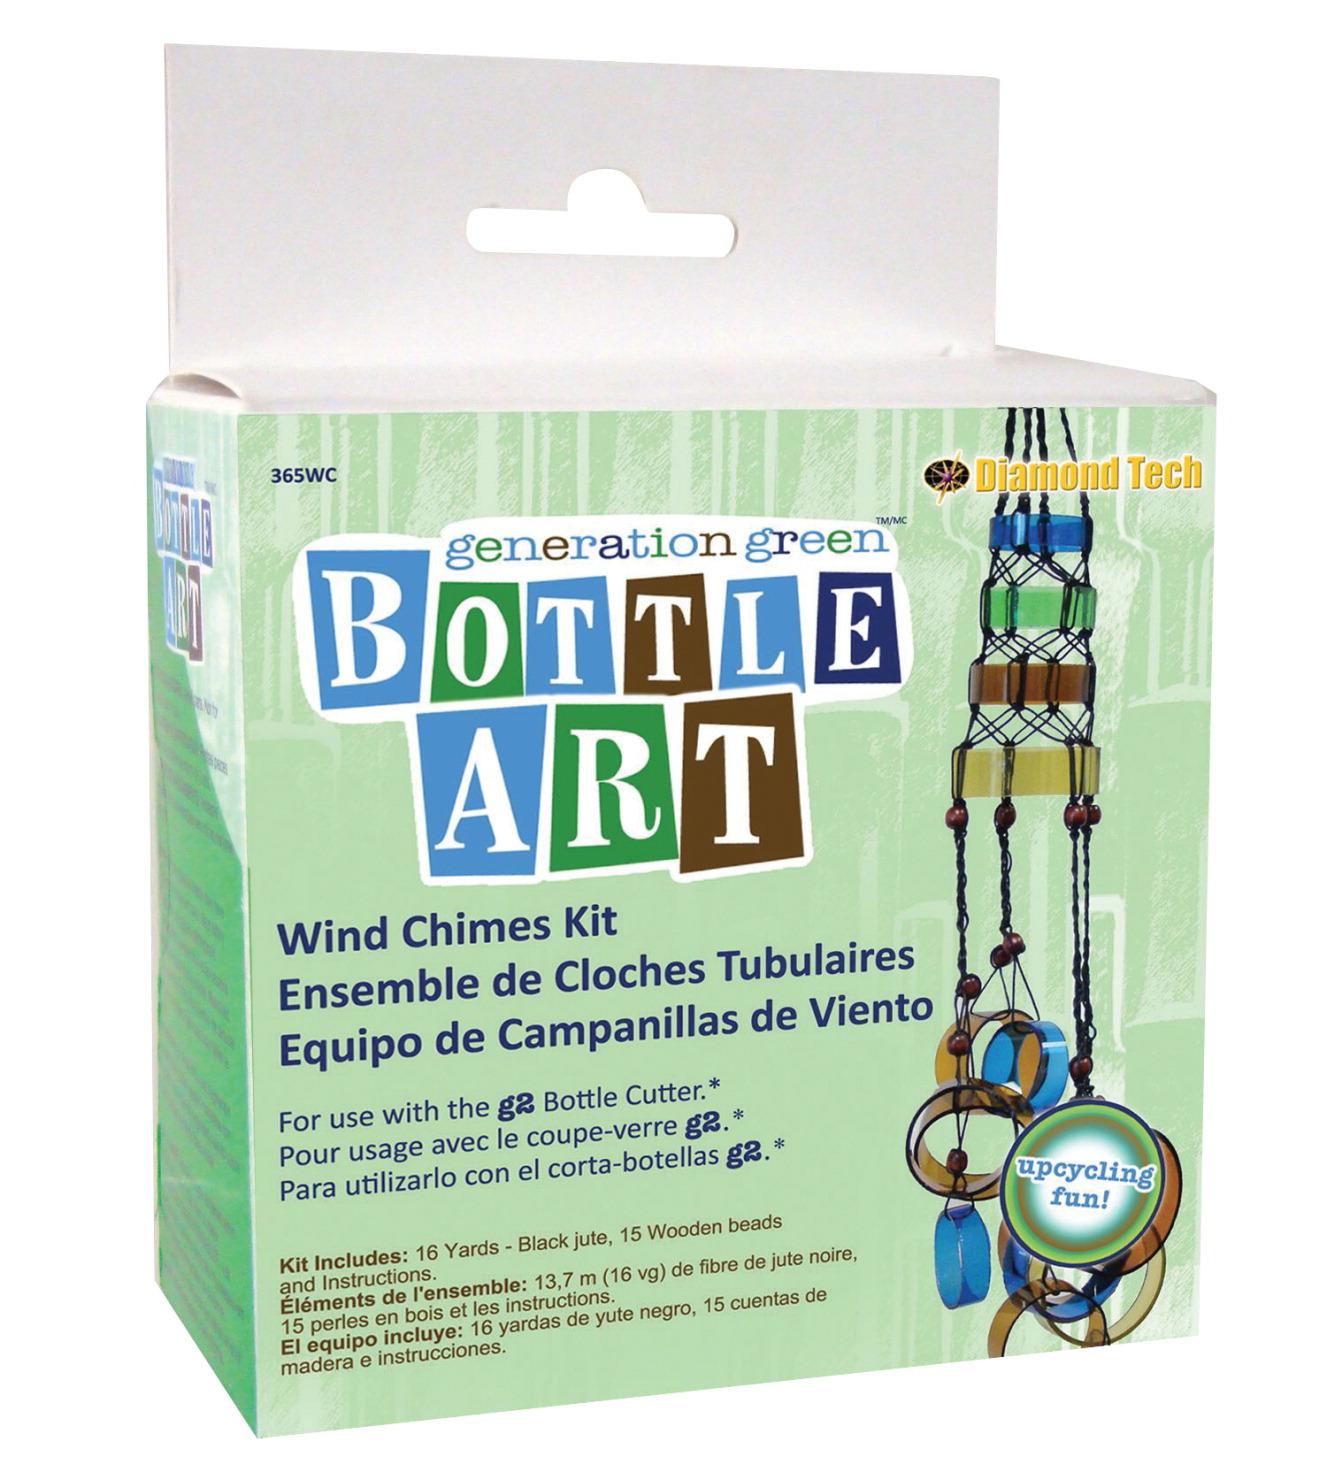 Bottle art wind chime kit school specialty marketplace for Generation green bottle cutter